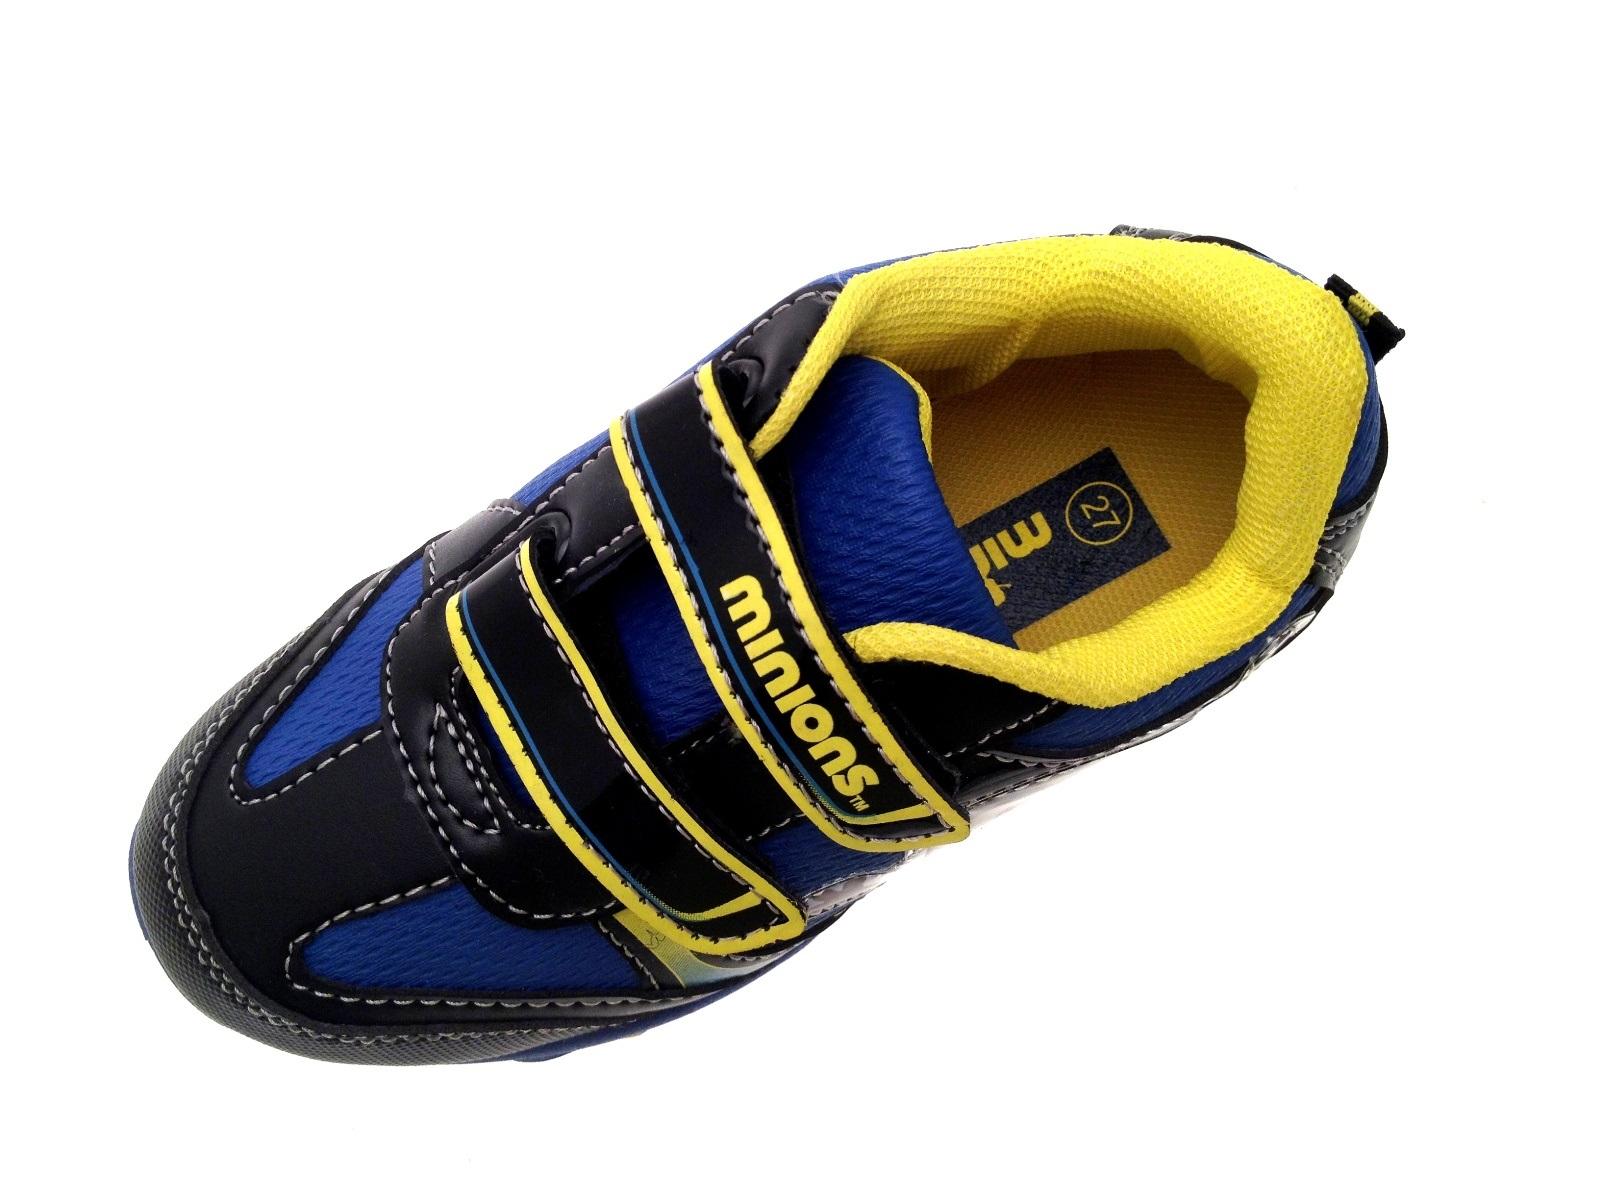 Venta chicos Despicable Me Minions Zapatillas Skate Bombas Zapatos De Deportes Niños Personaje